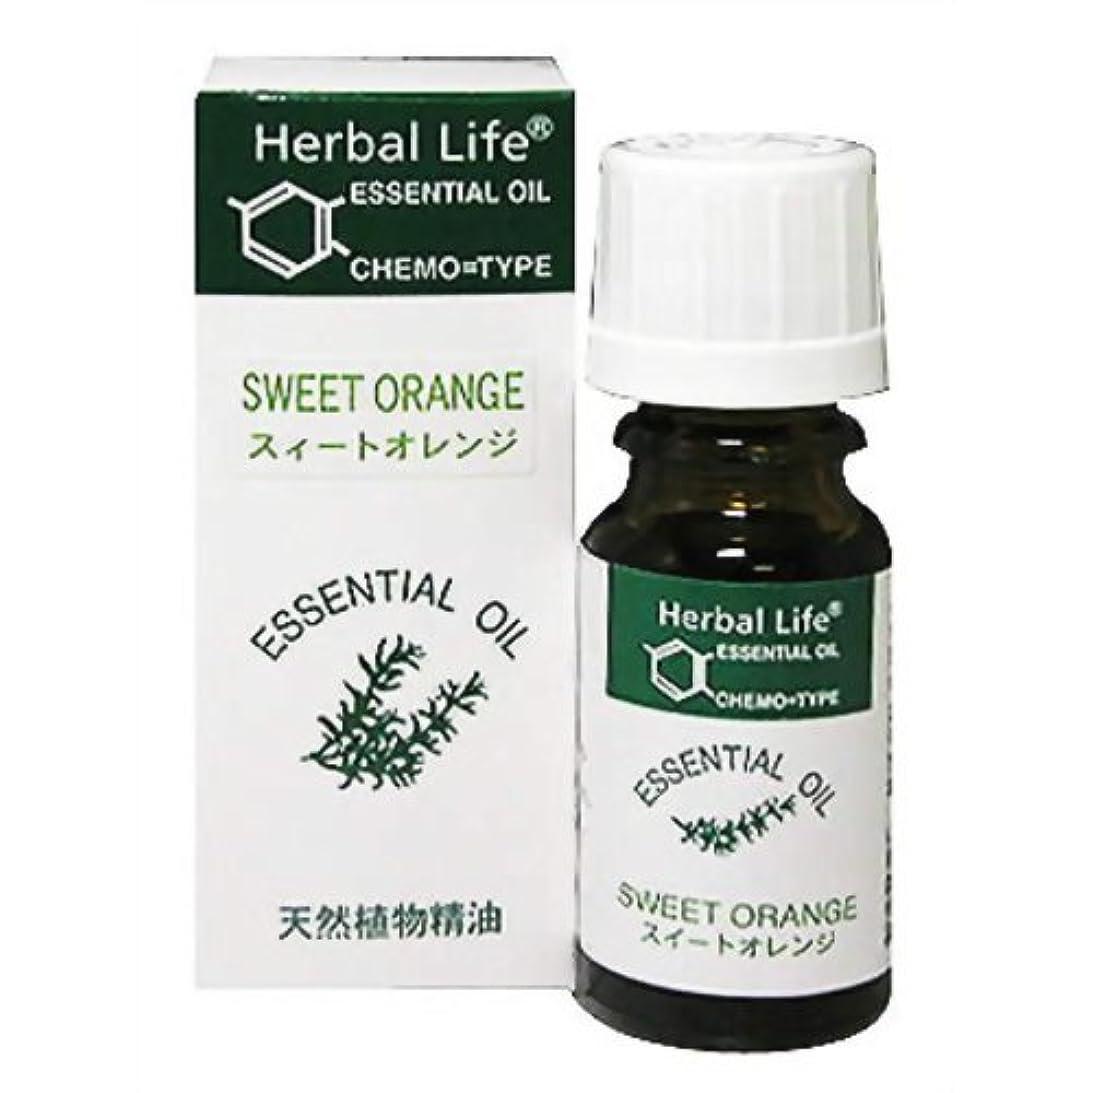 リングレット弾力性のある寄付する生活の木 Herbal Life スィートオレンジ 10ml